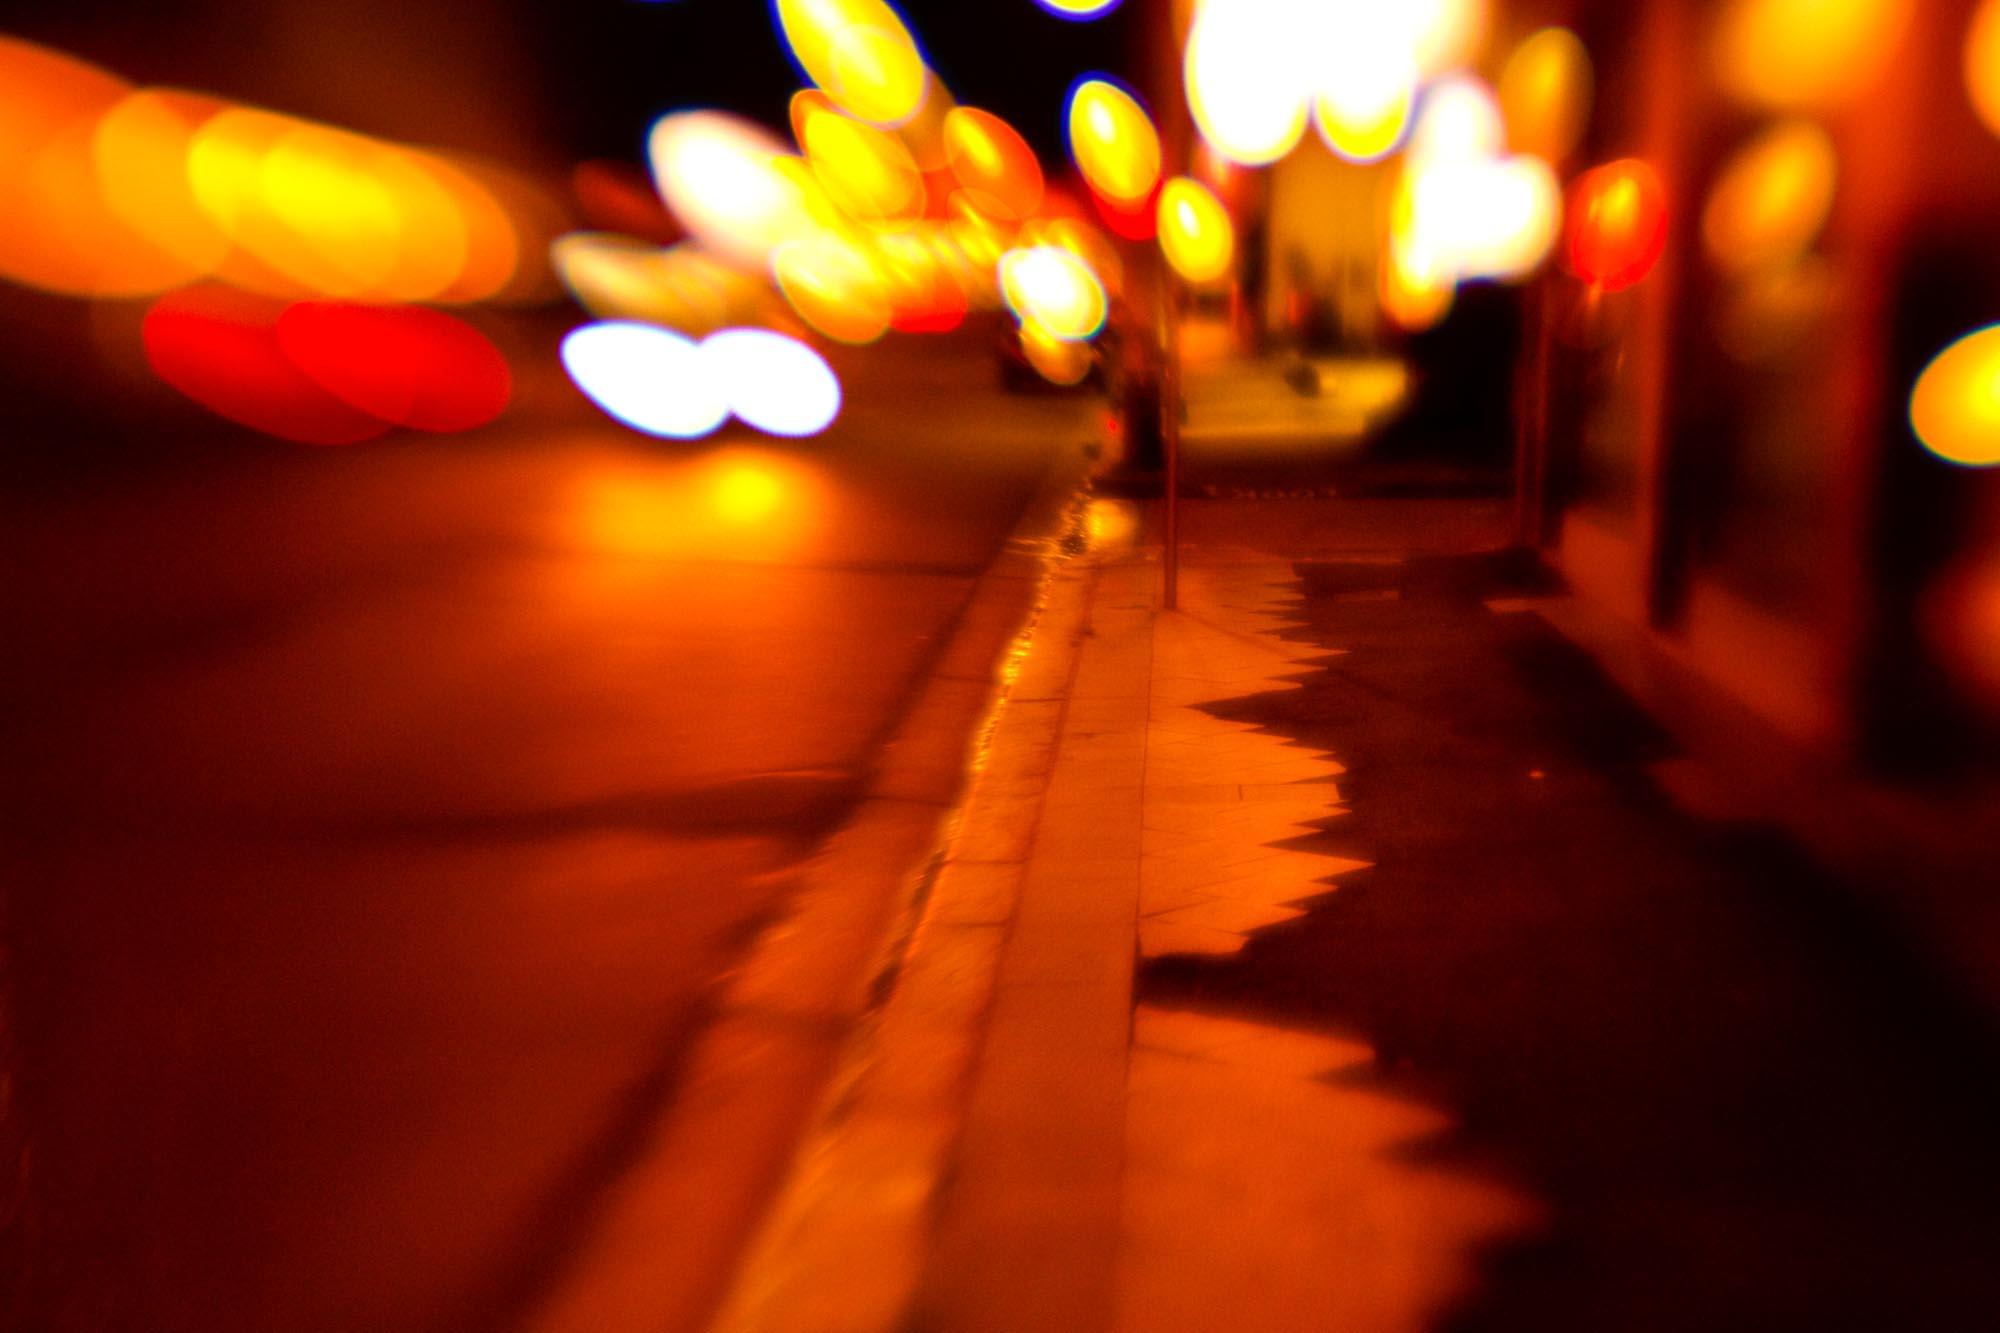 insomnia-23-09-48.jpg